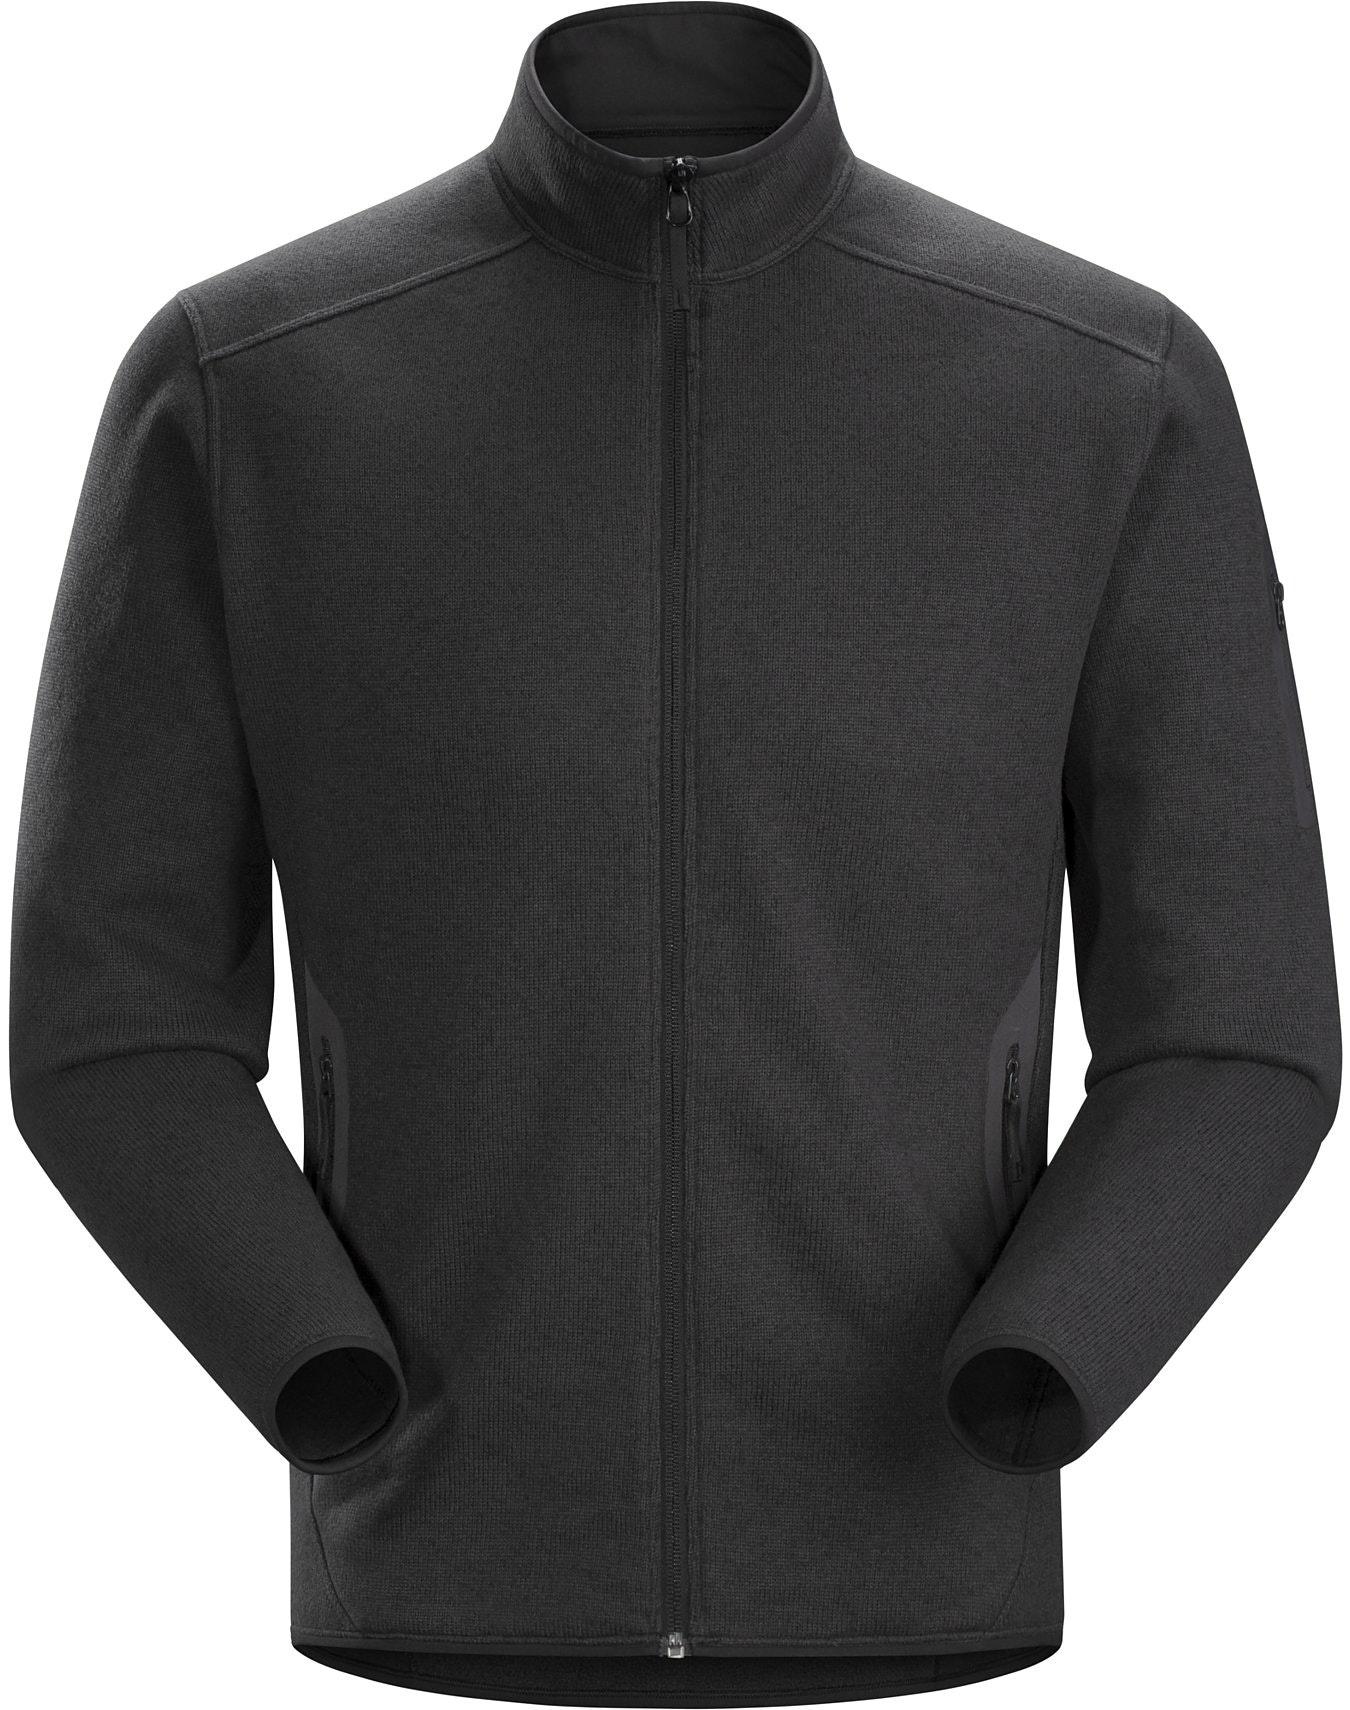 Icebreaker Men's Carrigan Sweater